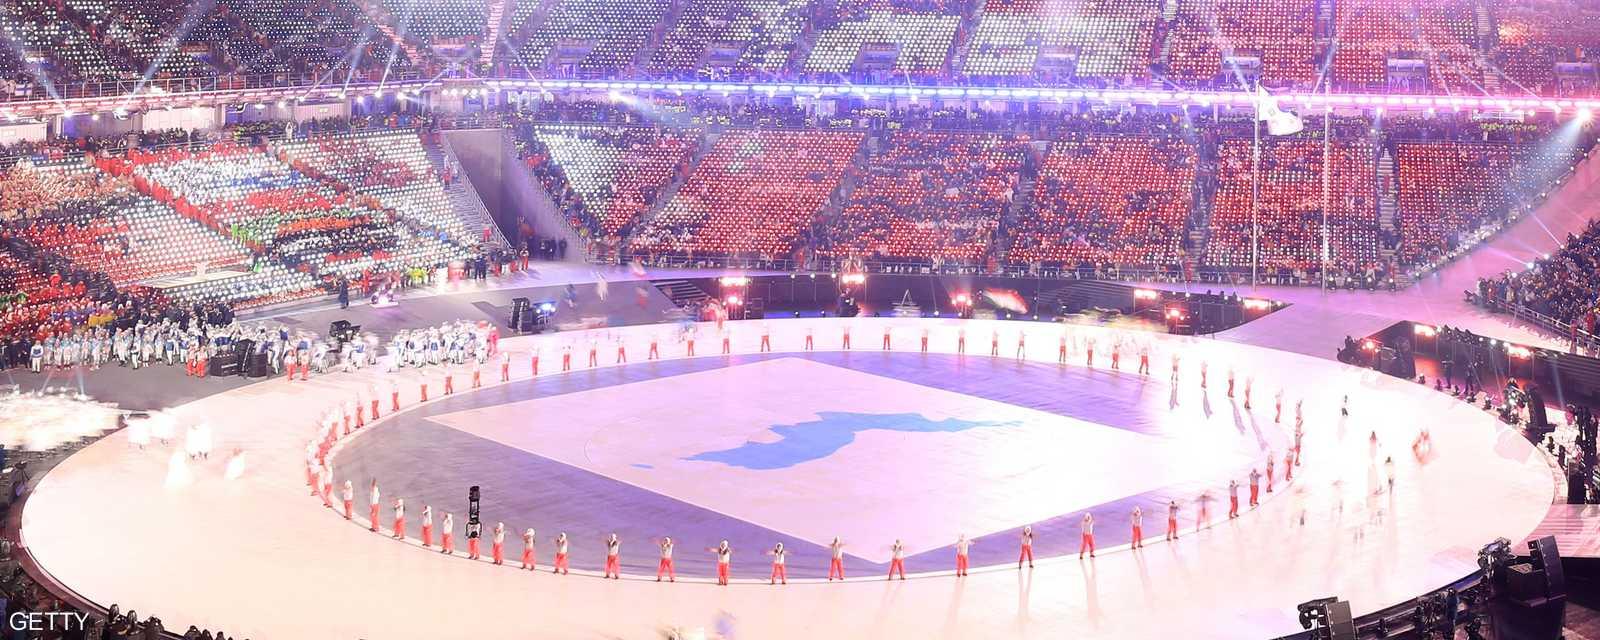 في فبراير، تم افتتاح الألعاب الأولمبية الشتوية في بيونغتشانغ